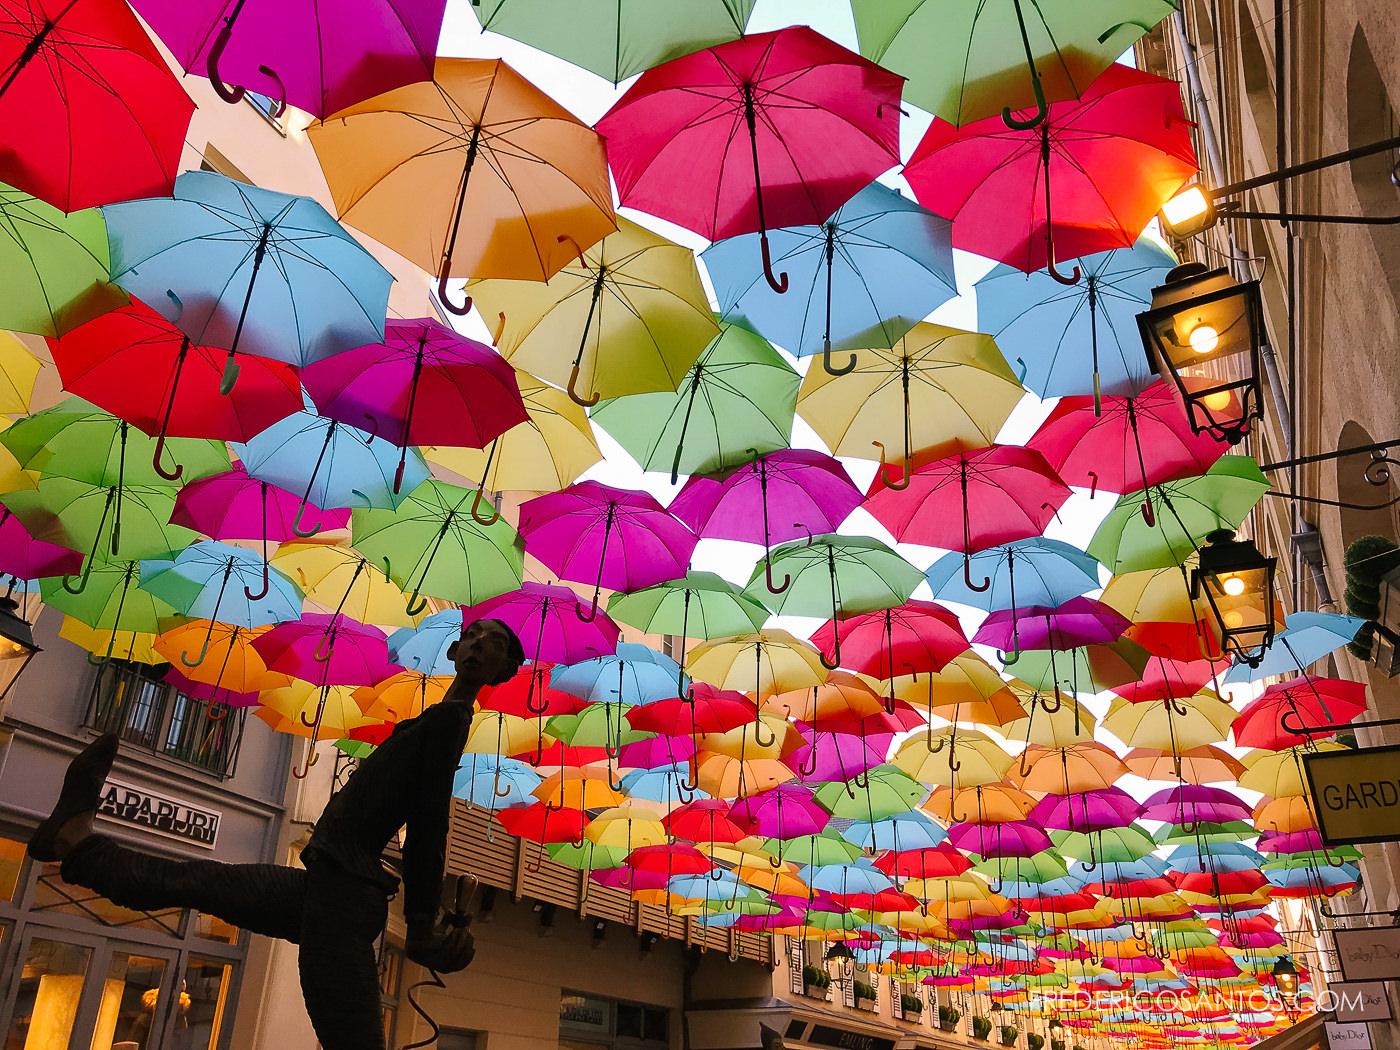 Parapluies couleurs village royal paris